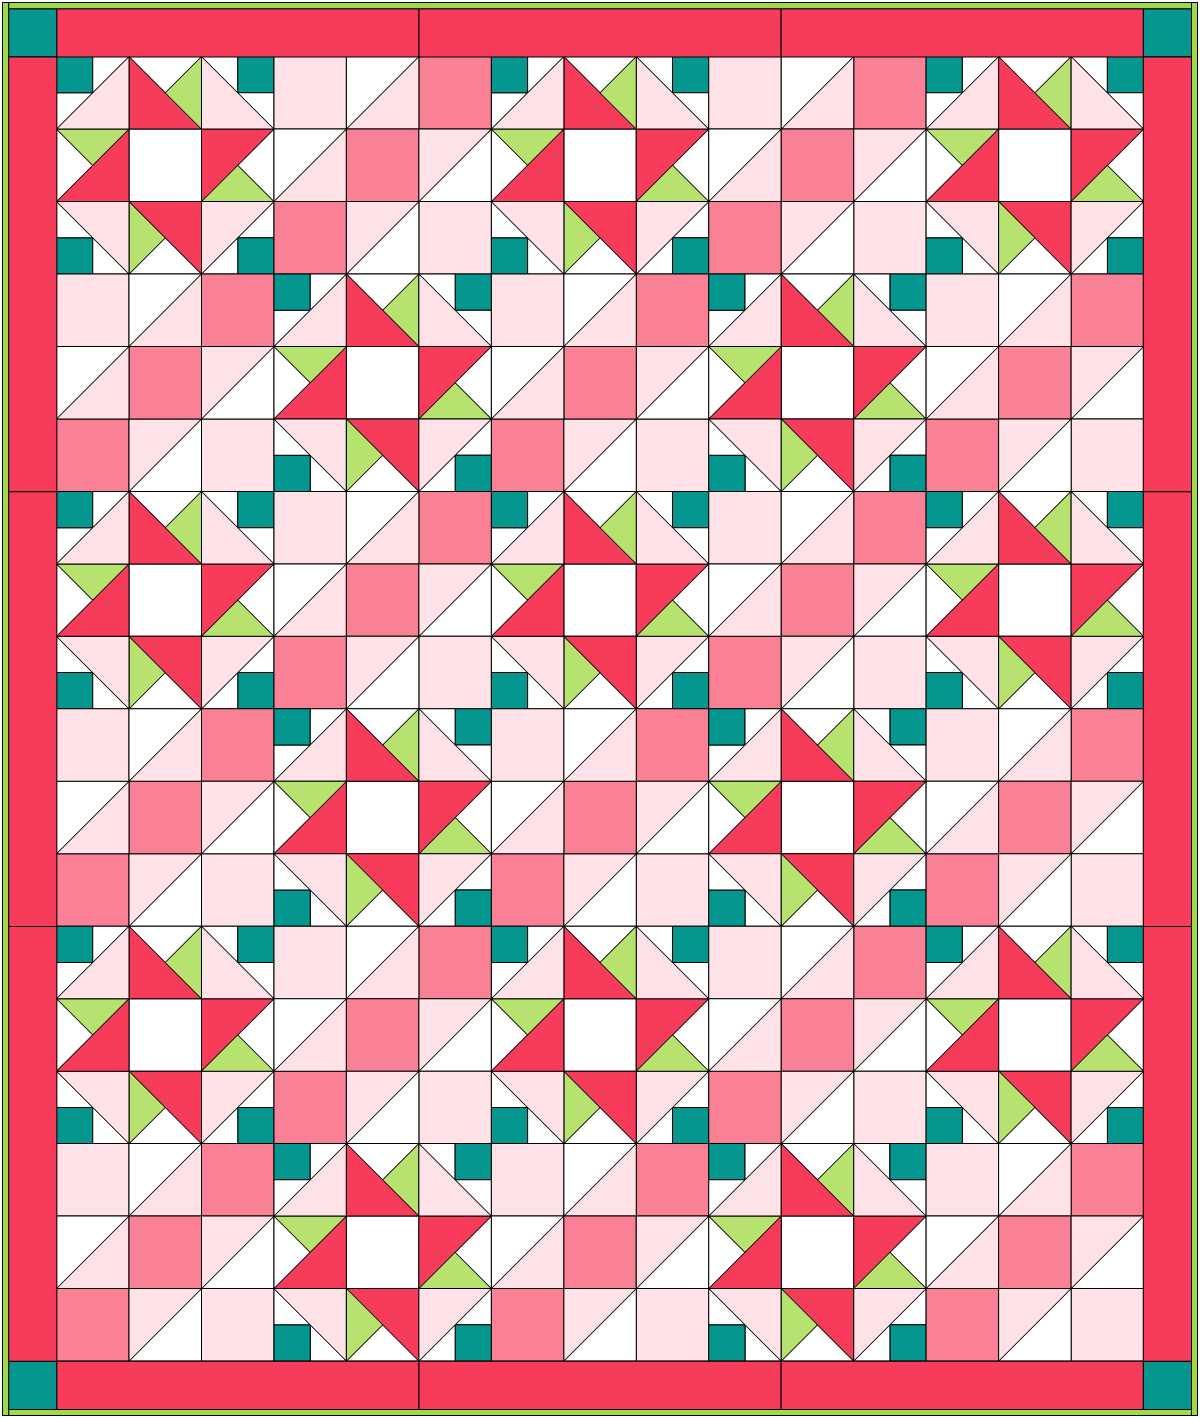 Quilt top designed in EQ8